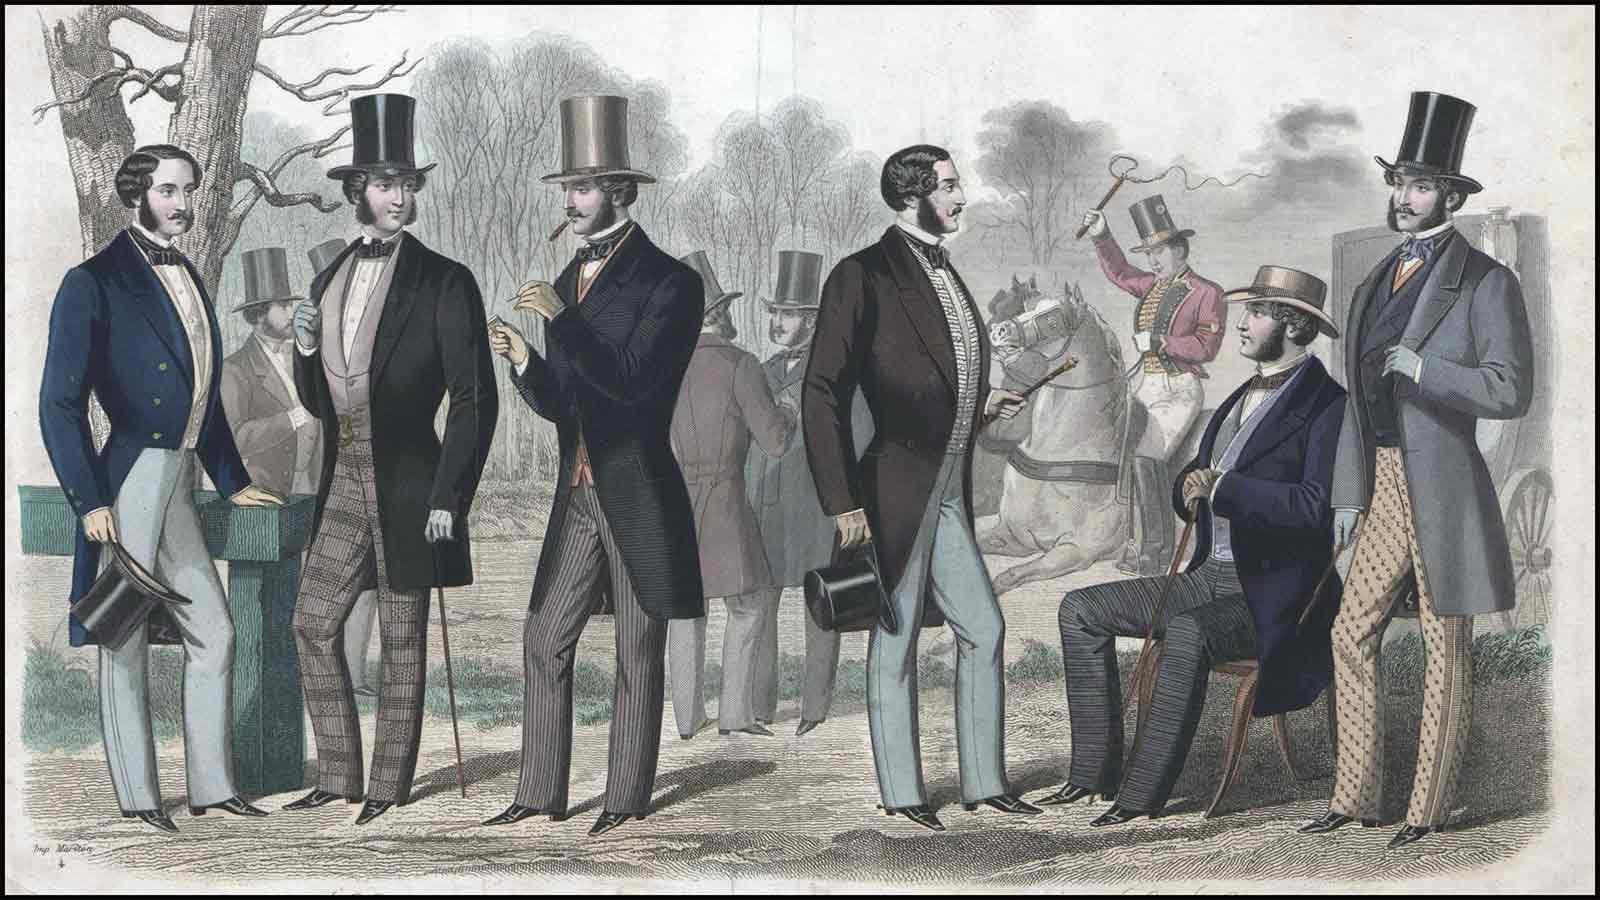 Lithograph from L'Elegant: Journal des Tailleurs de Paris, 1857